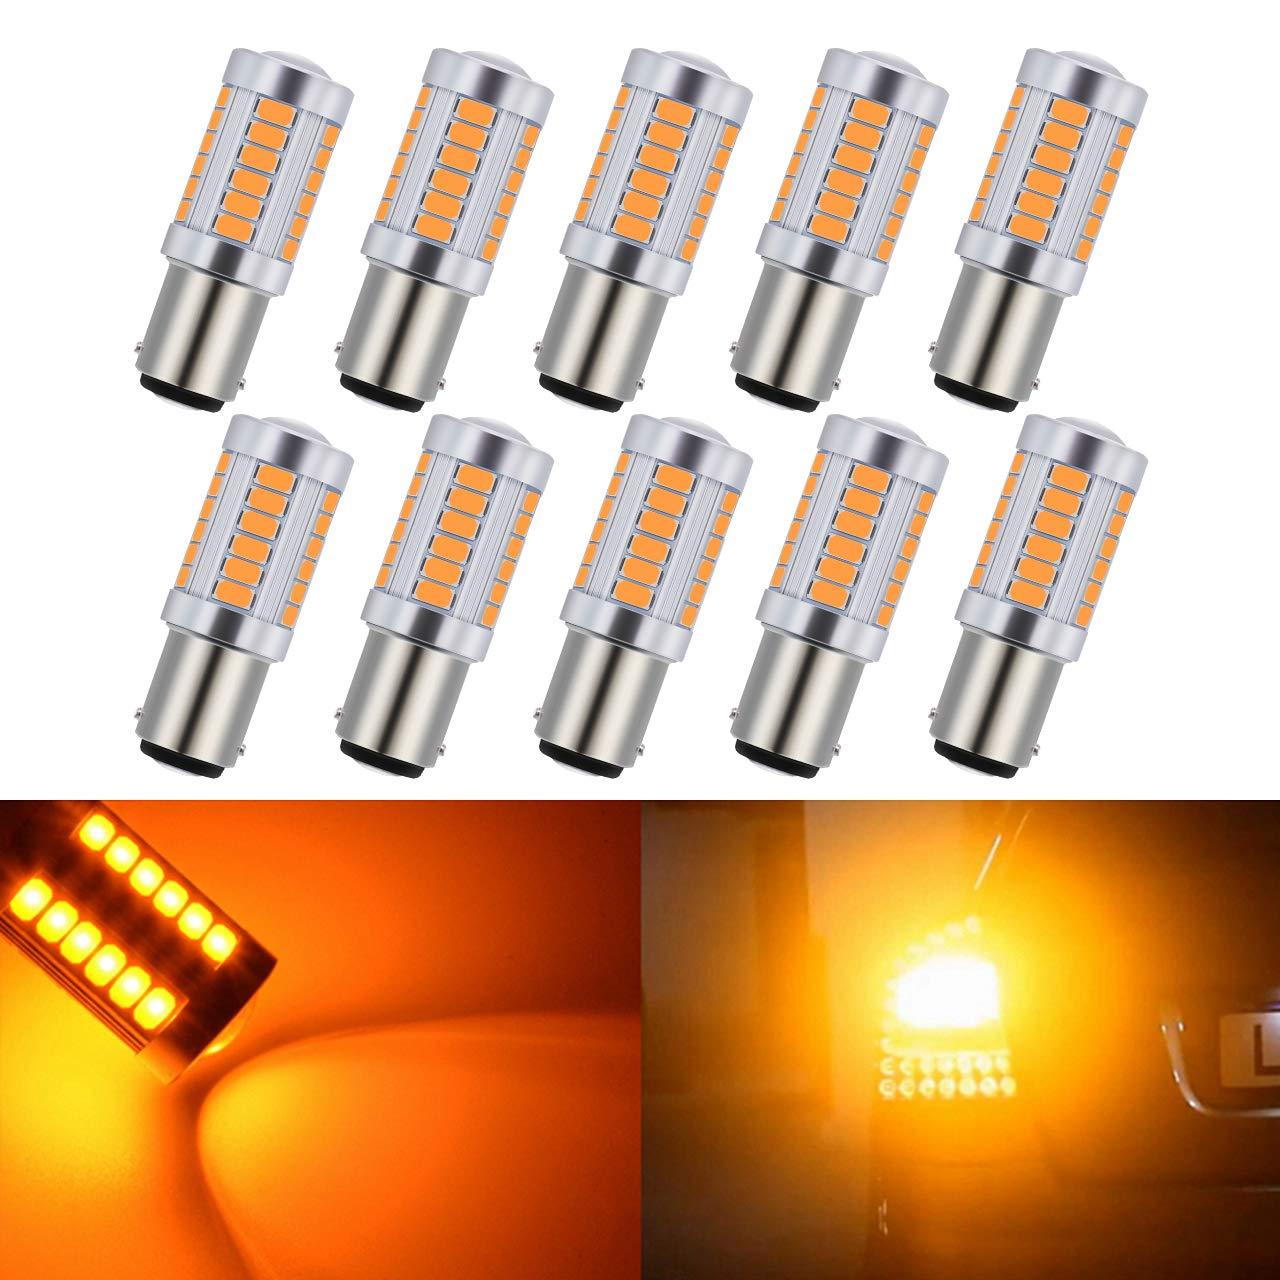 KaTur 4pcs 1156 BA15S 1141 7056 5630 33-SMD White 900 Lumens 6500K Super Bright LED Turn Tail Brake Stop Signal Light Lamp Bulb 12V 3.6W 4AM-CL-368-1156-White